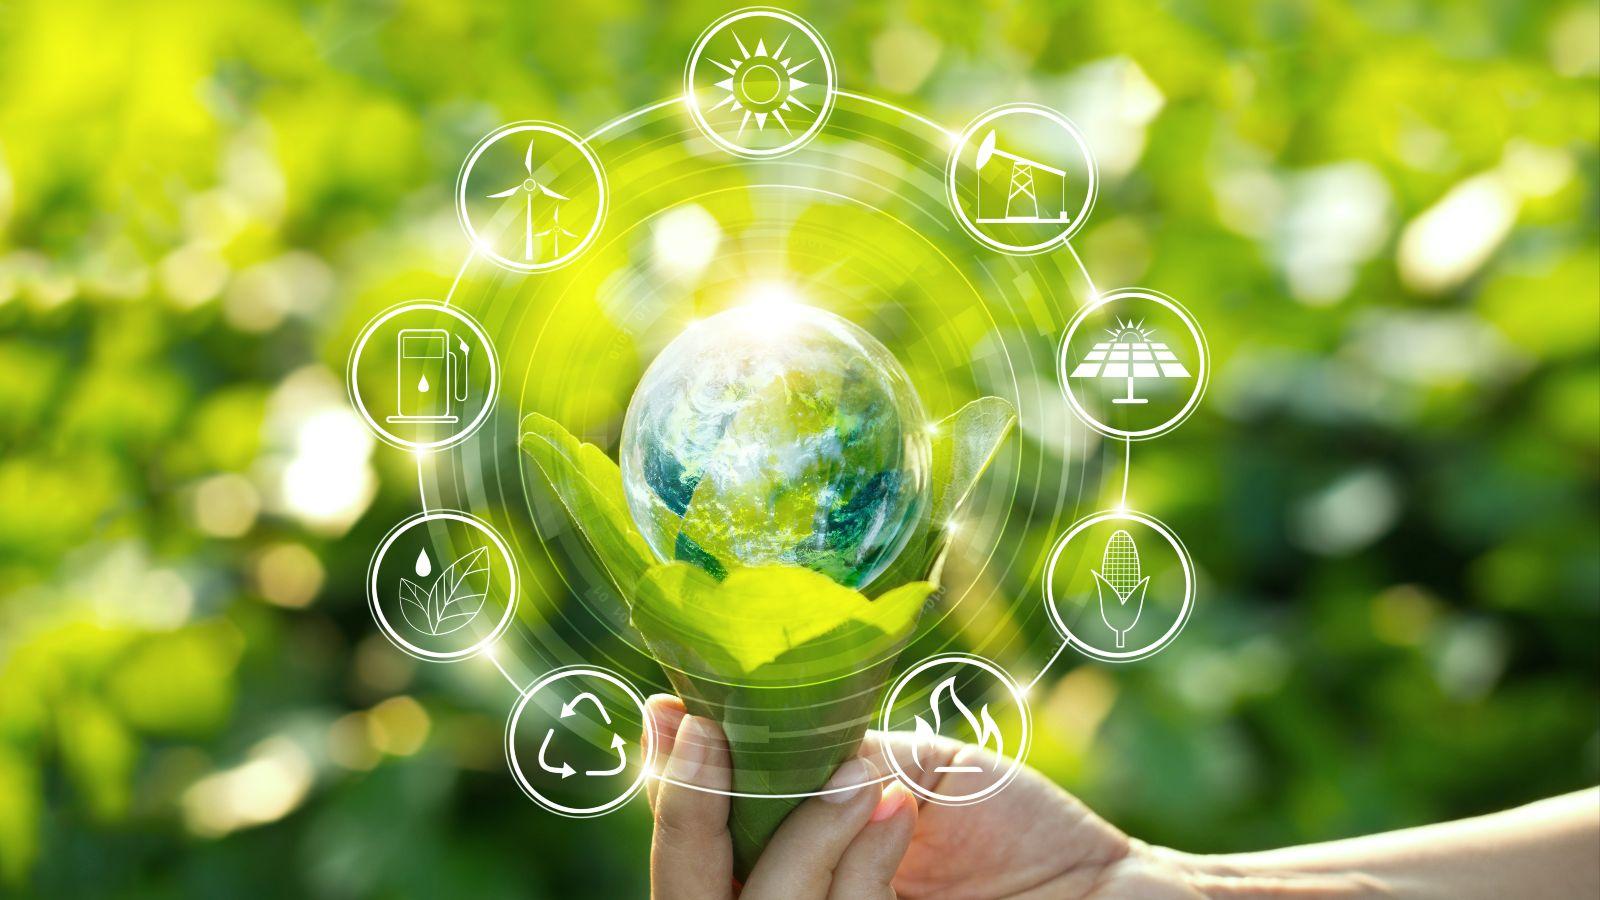 Leuchtende Erdkugel entspringt einer Pflanze, die von Hand gehalten gehalten und von technischen Symbolen umkreist wird, vor gr�nen Pflanzen im Hintergrund.